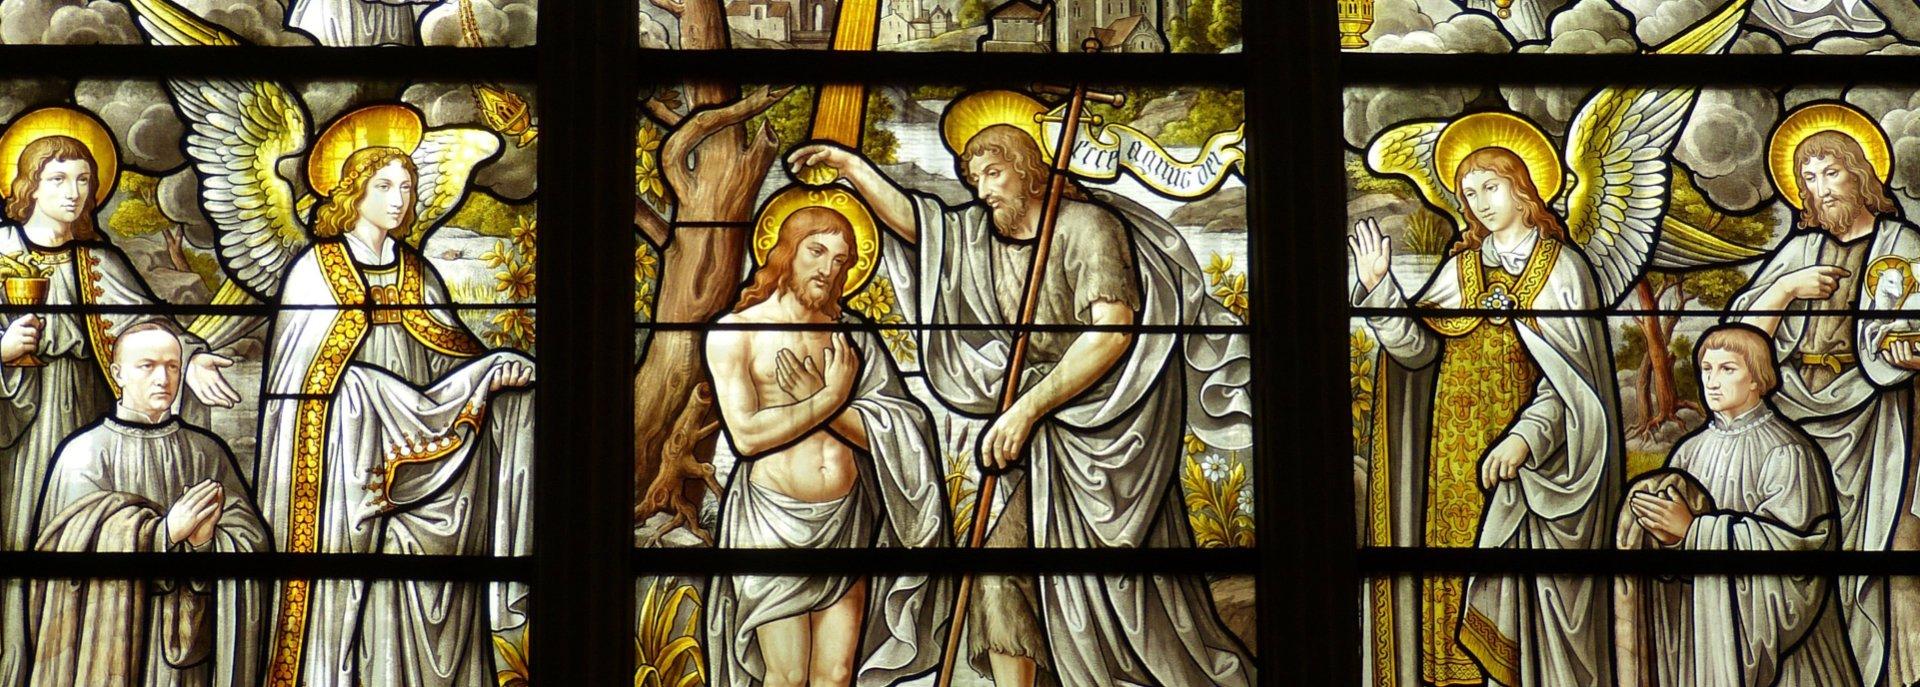 Ordine Fatebenefratelli di San Giovanni di Dio: cosa ci differenzia dagli altri ordini religiosi?